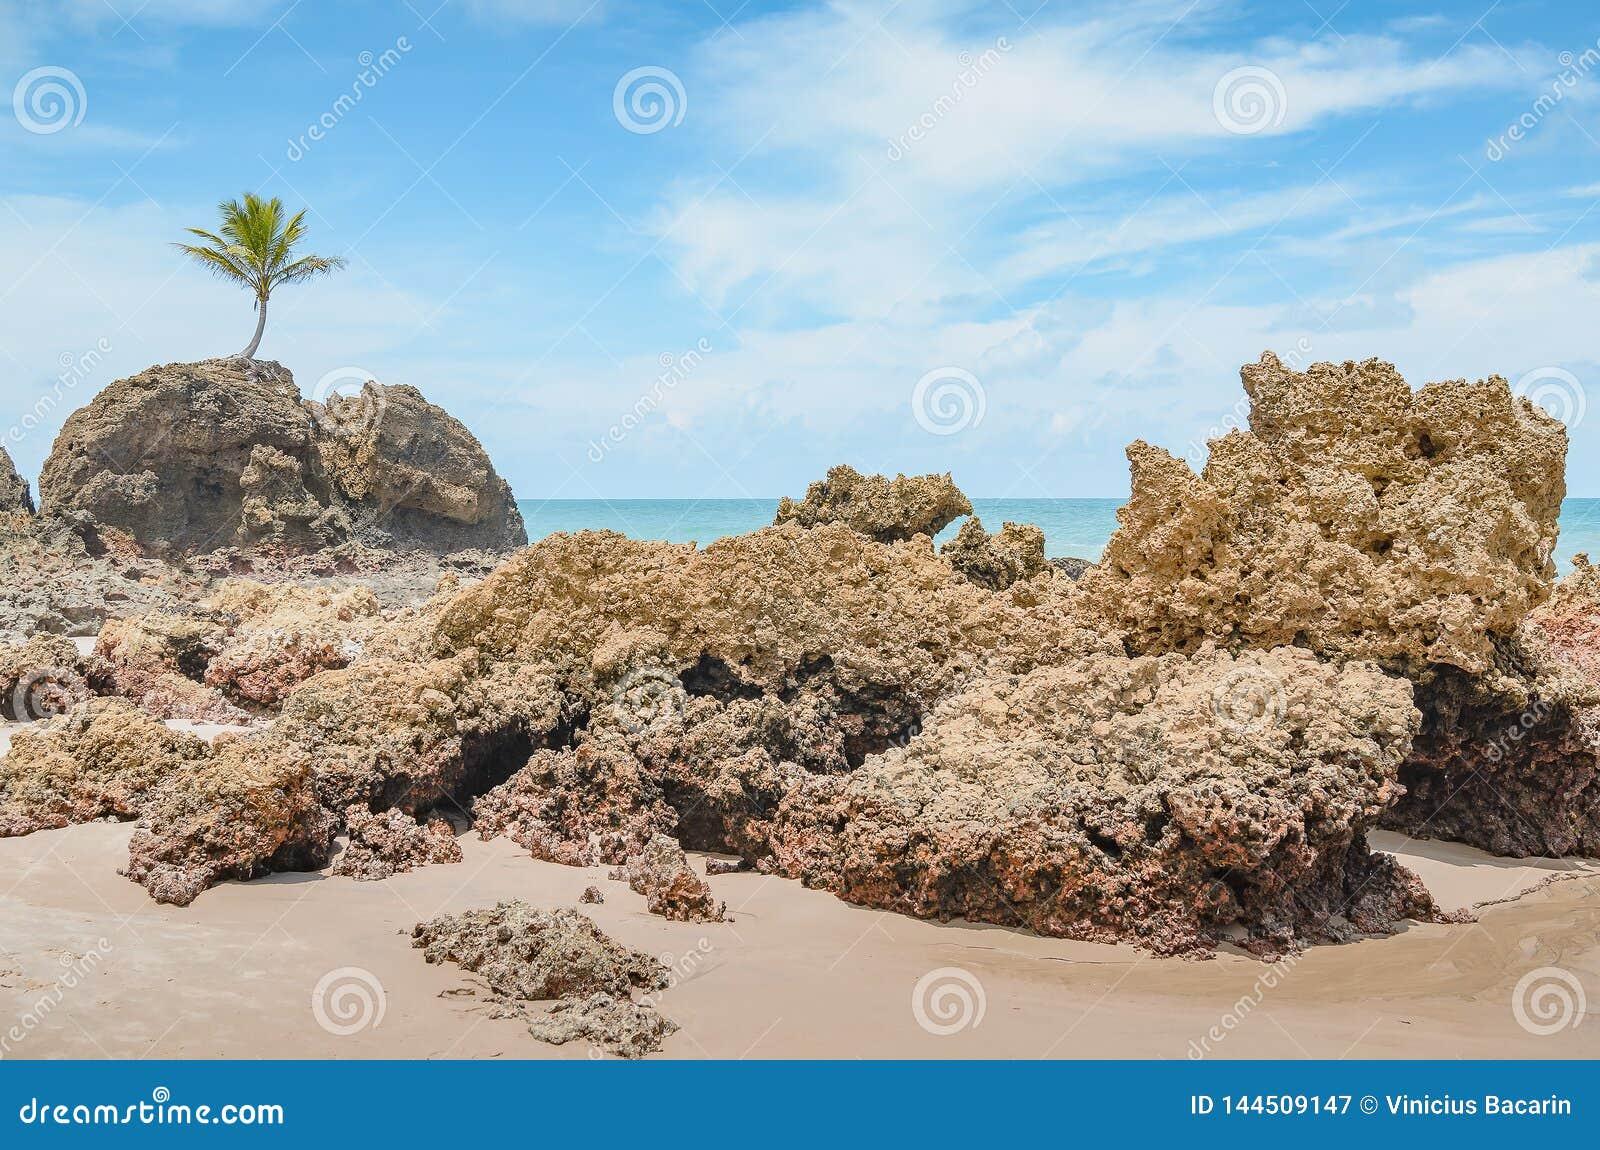 Tambaba | Tambaba beach, City of Tambaba, PB - Brazil